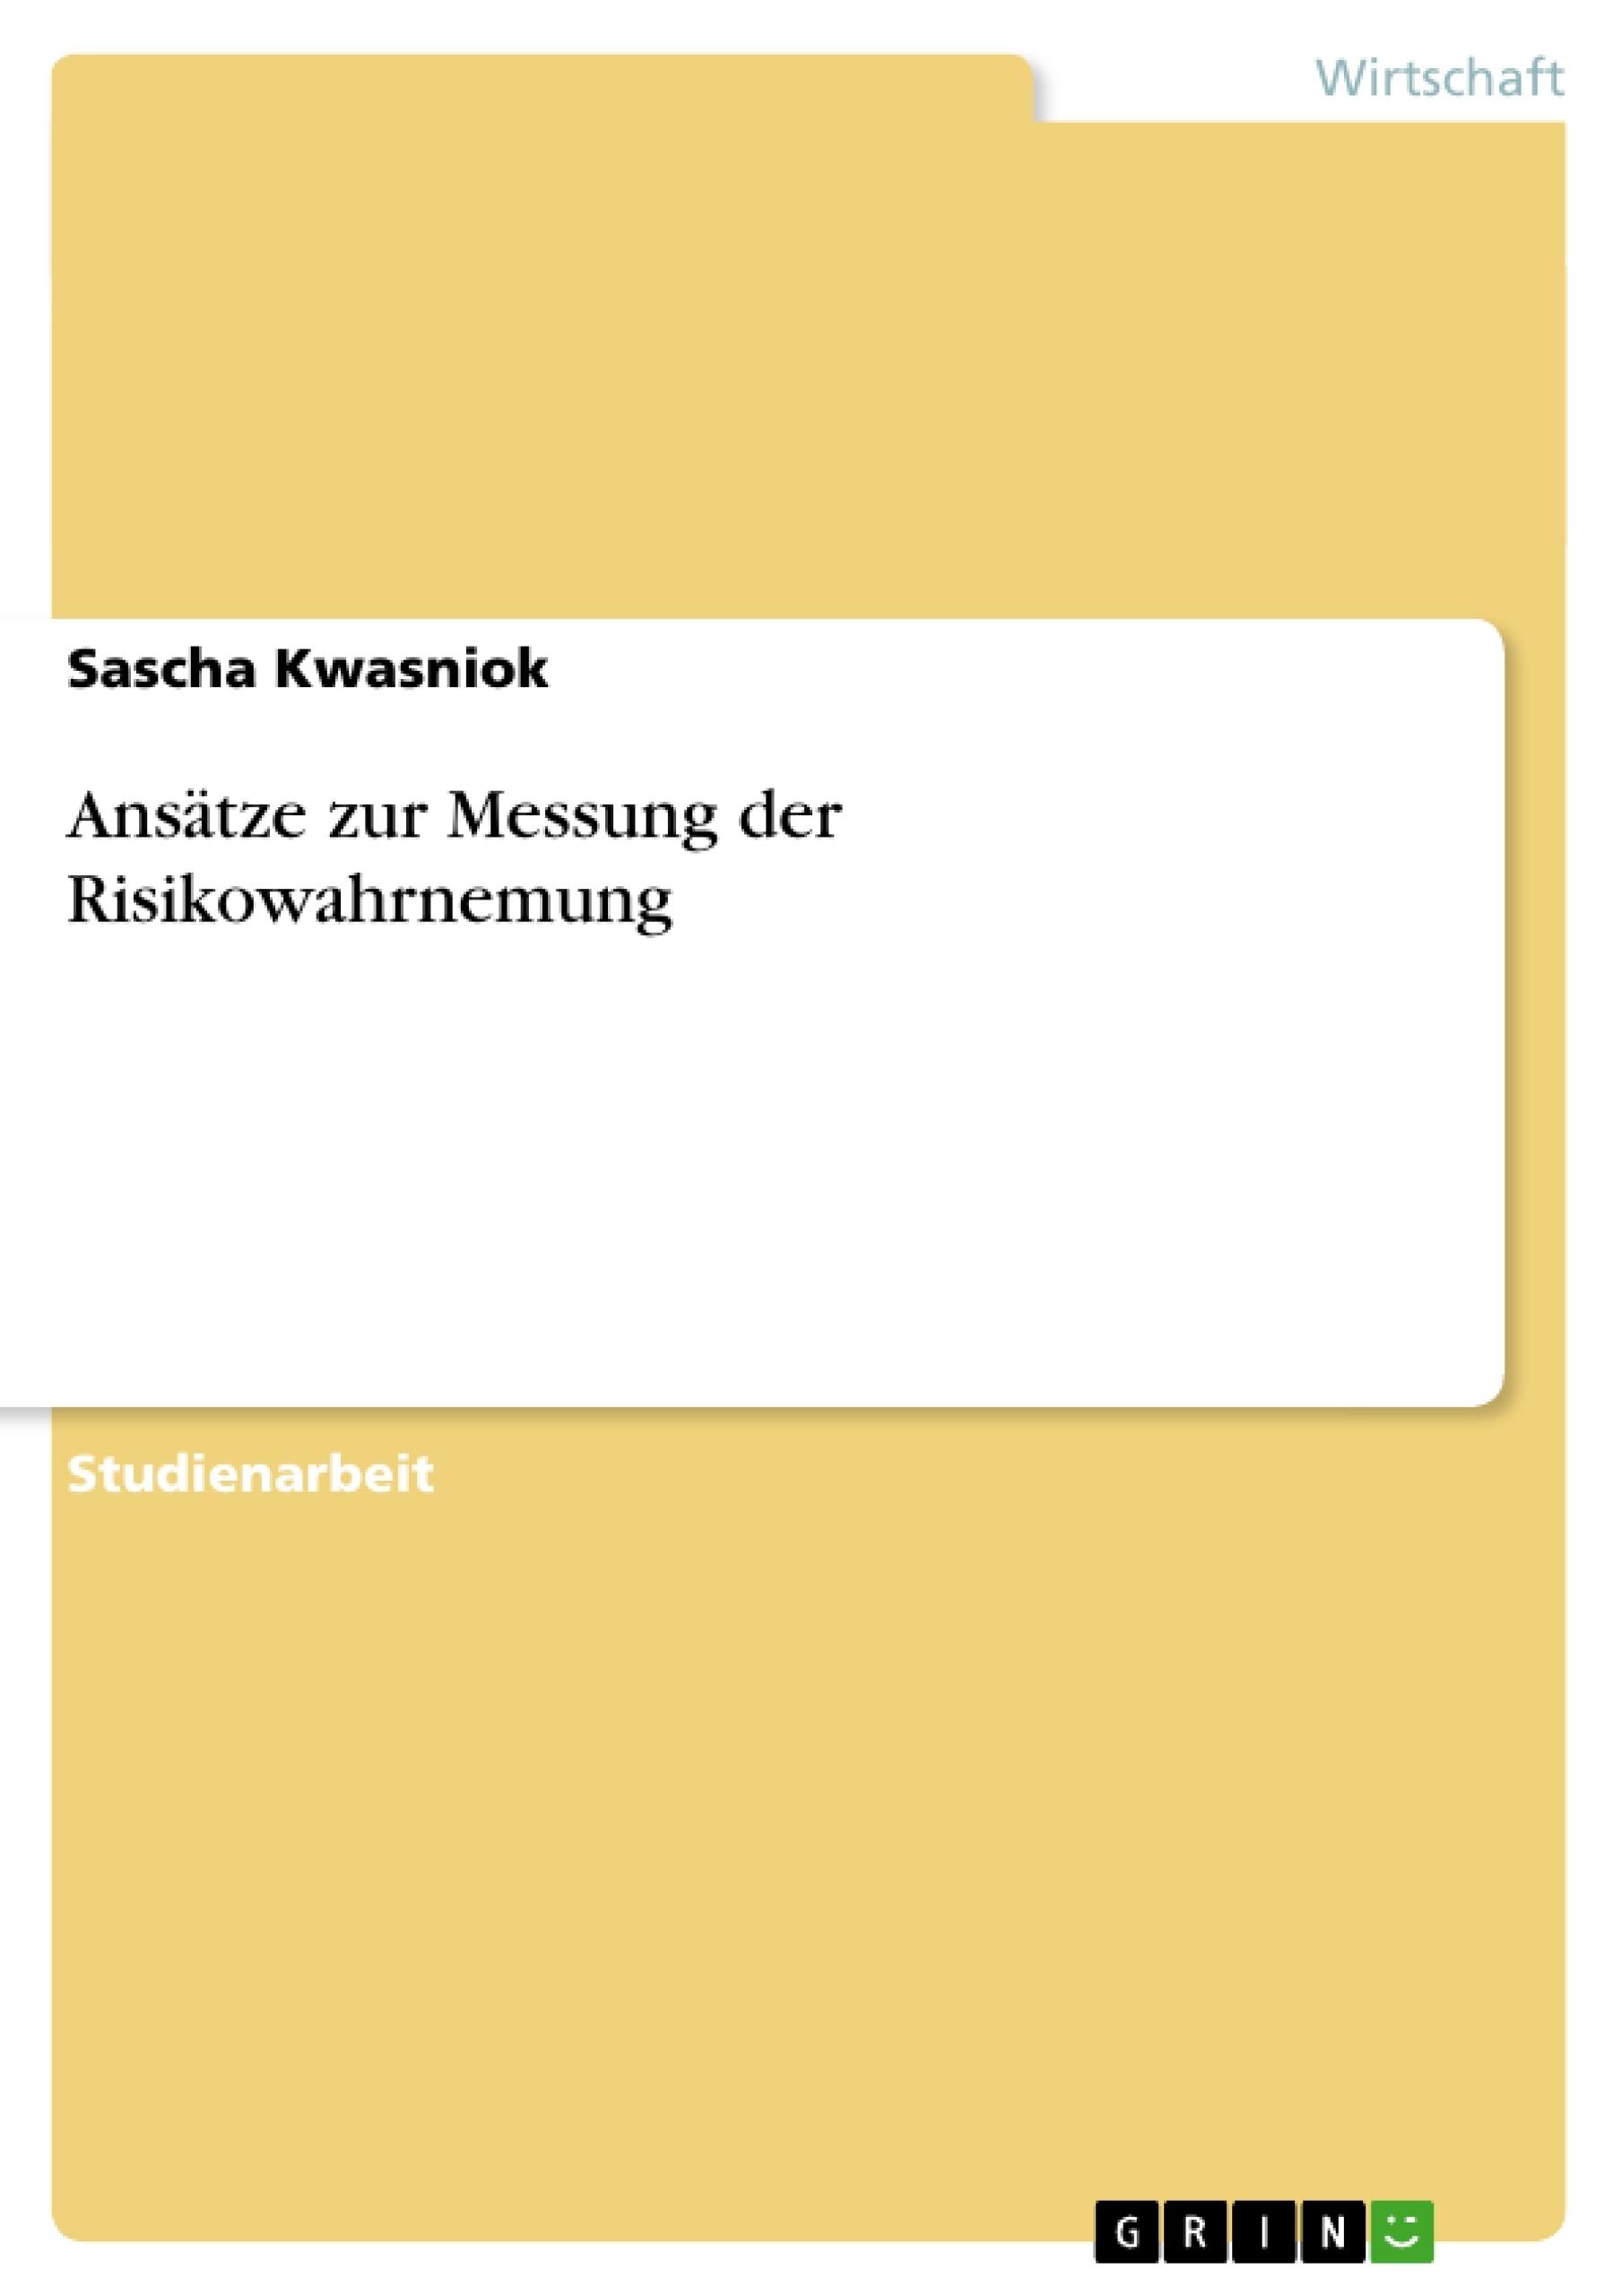 Titel: Ansätze zur Messung der Risikowahrnemung